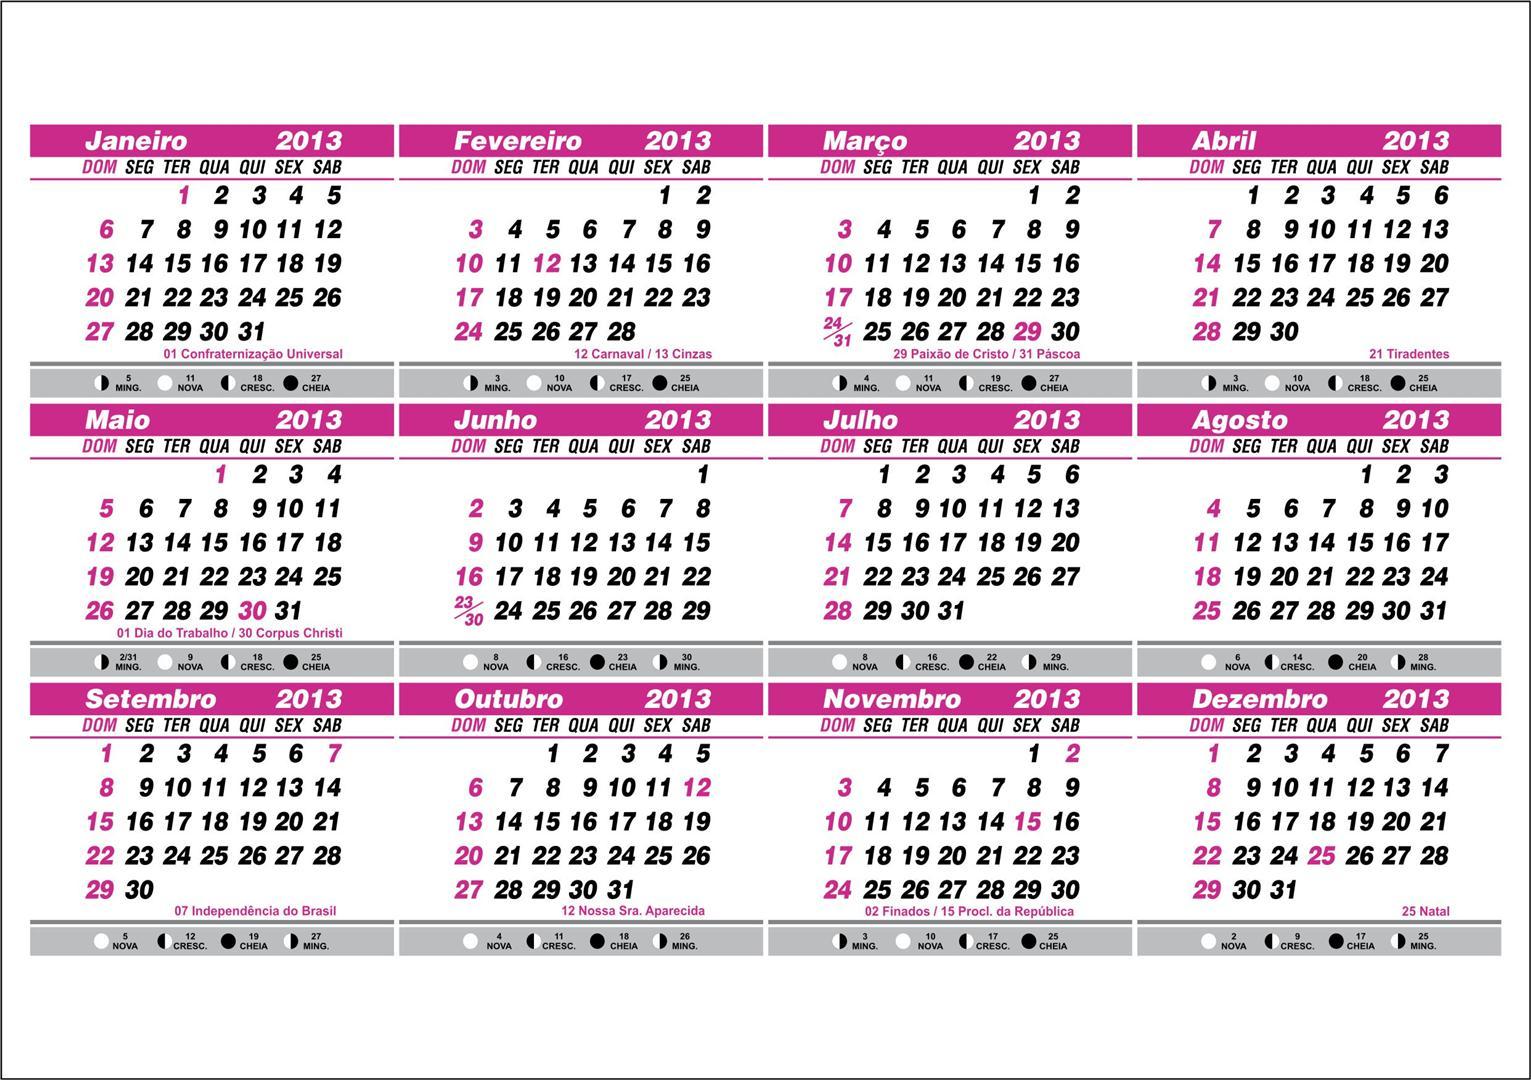 Calendário 2013 com datas comemorativas e fases da lua